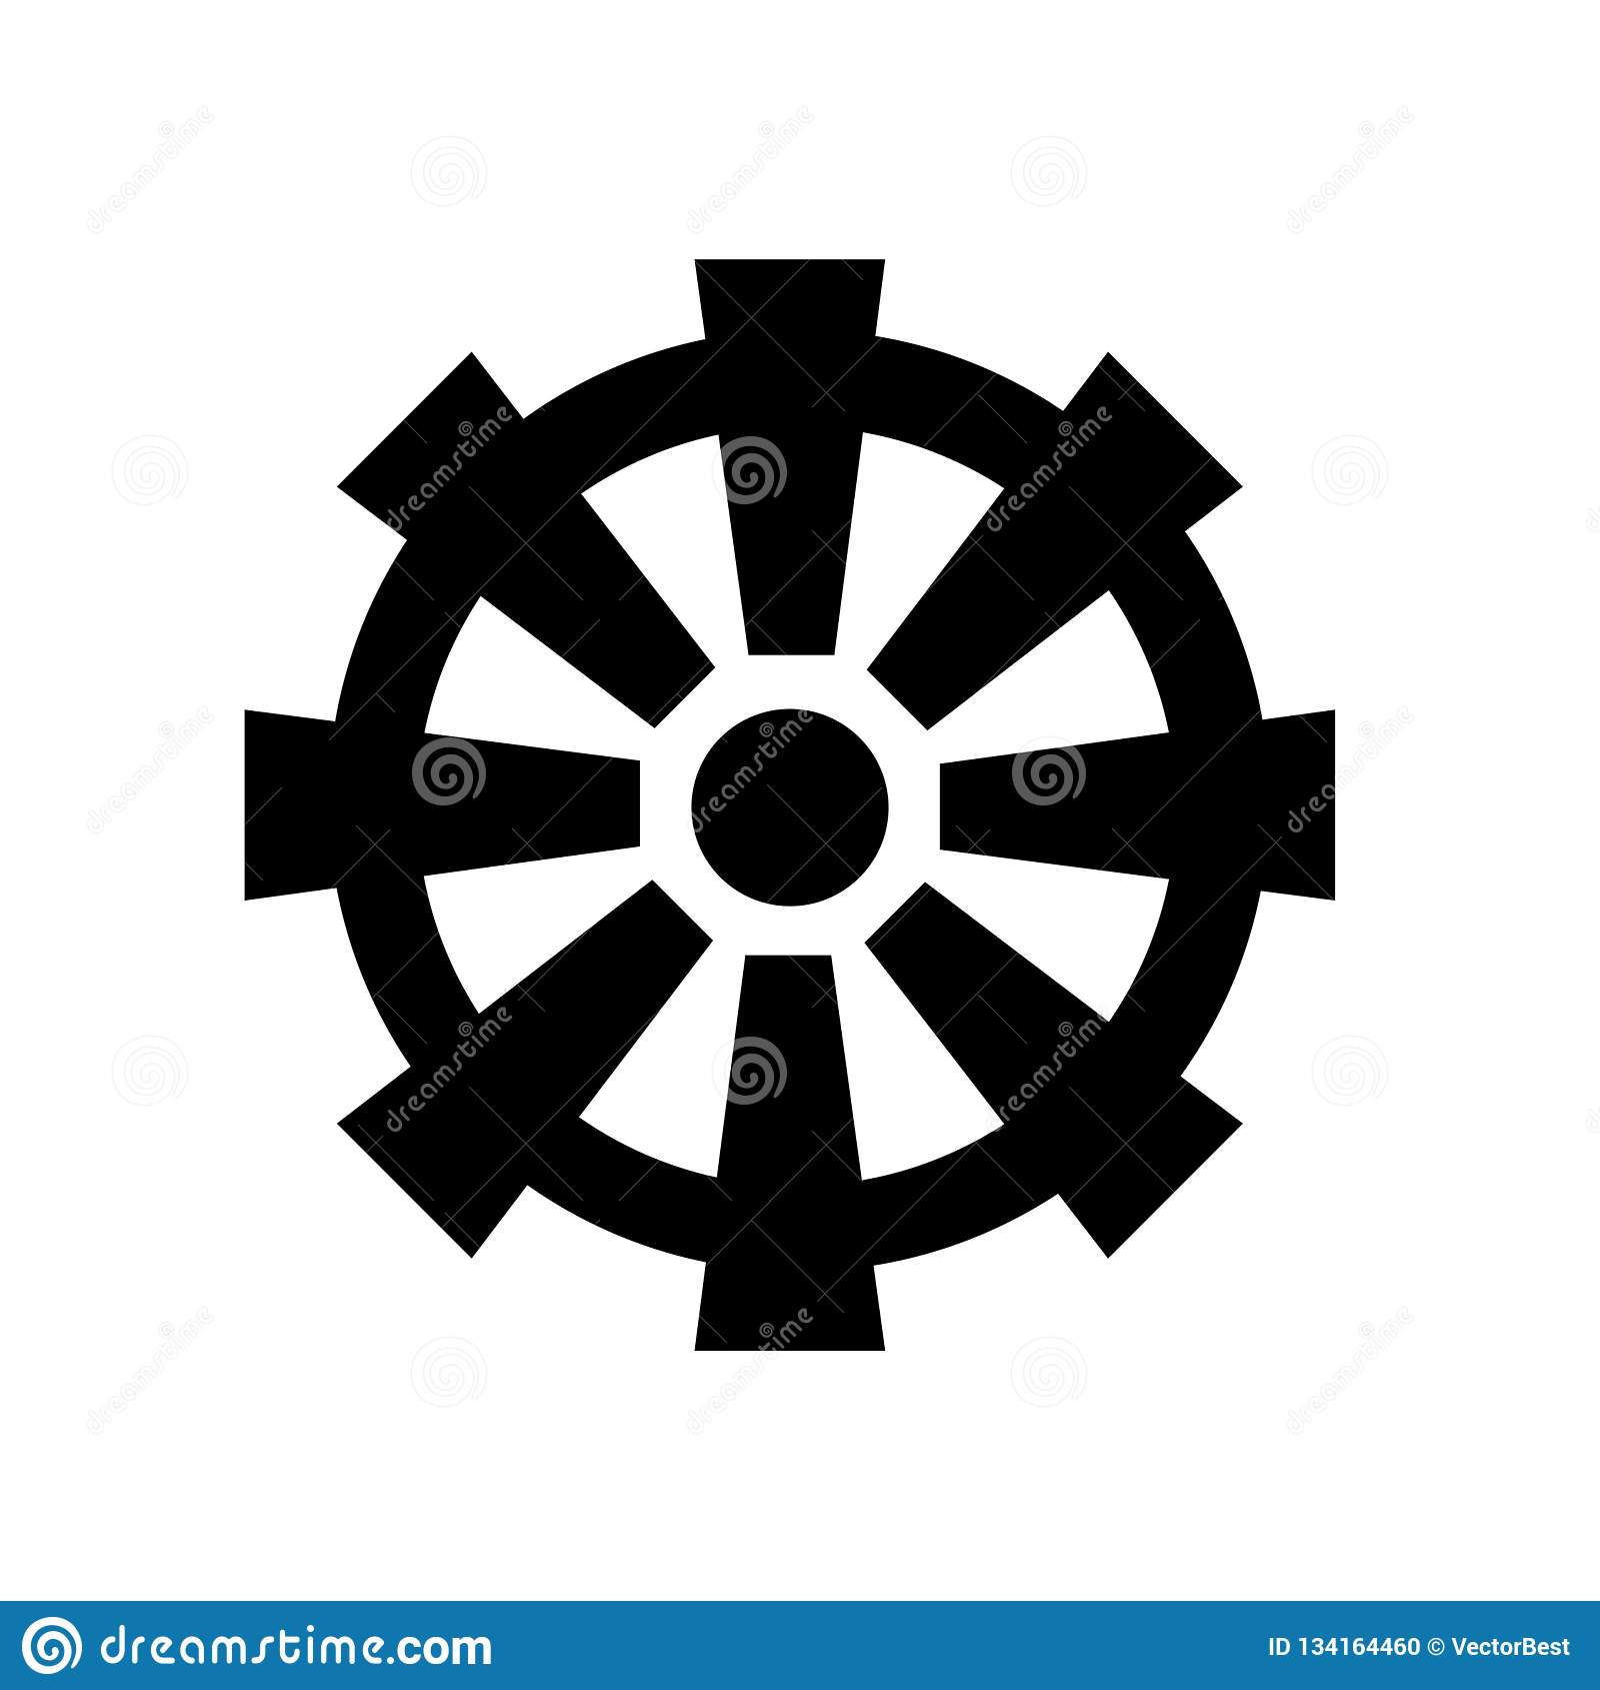 Buddhismus-Radikonenvektorzeichen und -symbol lokalisiert auf weißem Hintergrund, Buddhismus-Radlogokonzept